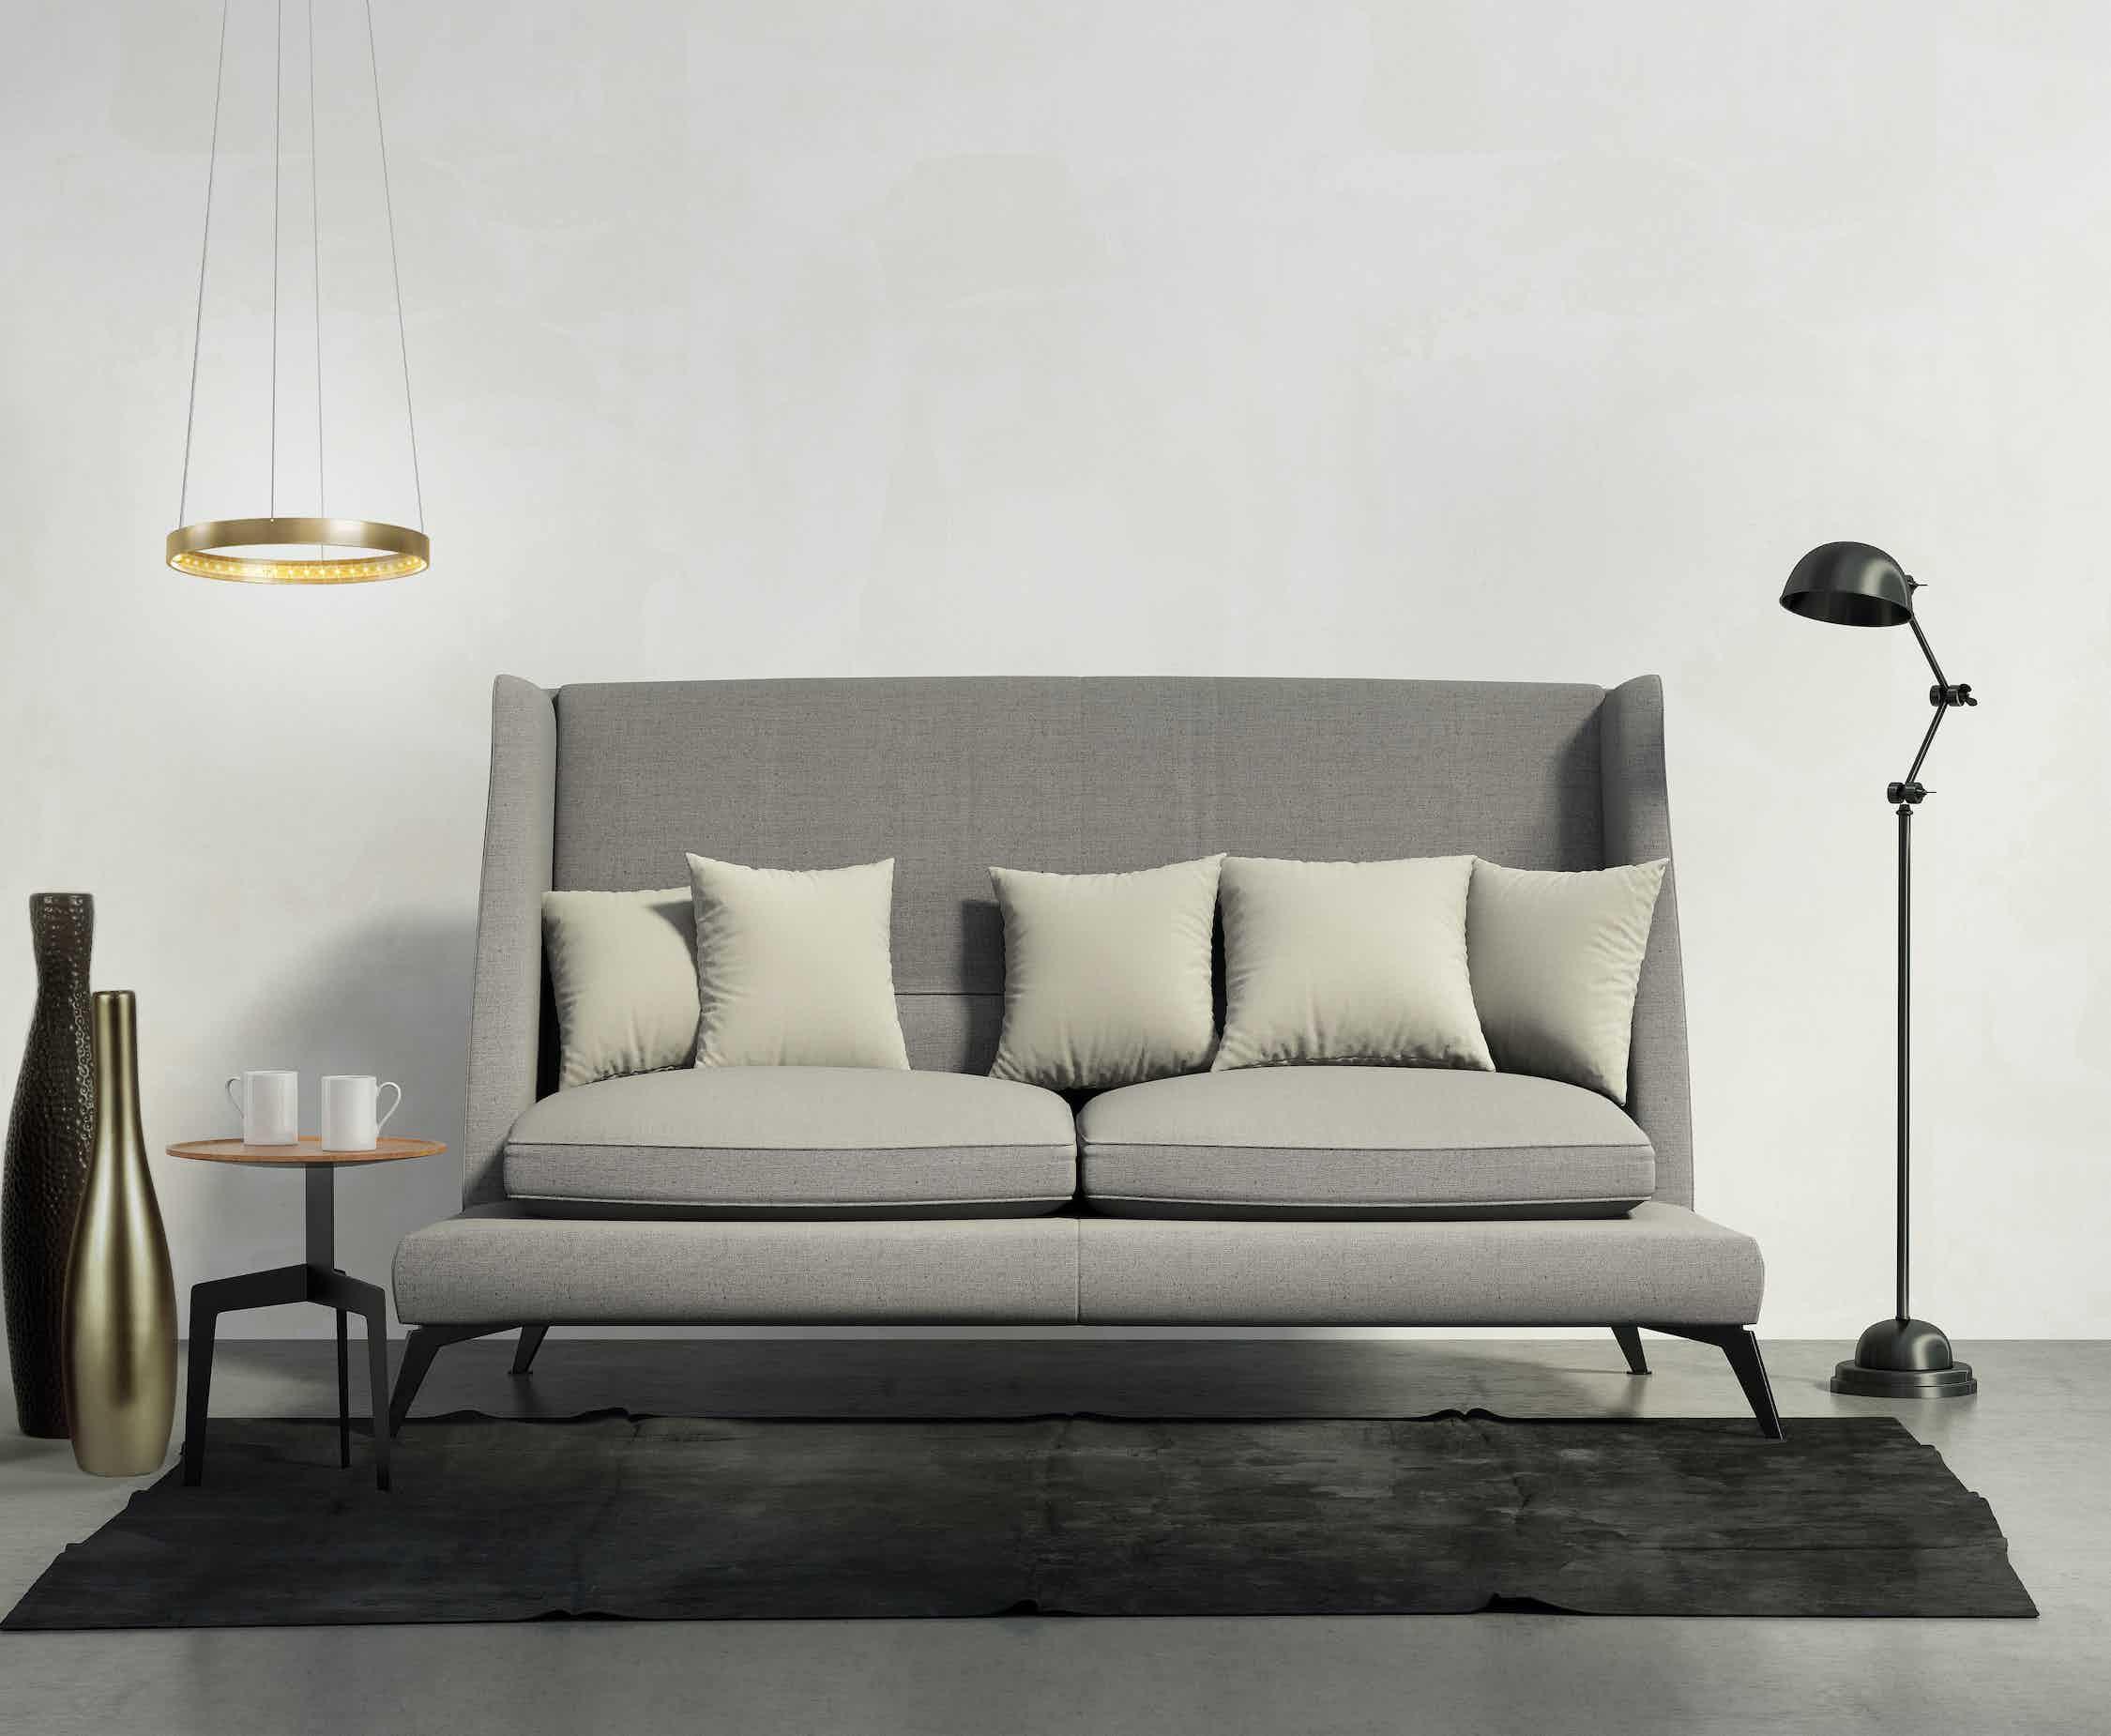 Le-deun-luminaires-circle-30-hanging-lamp-gold-sofa-haute-living